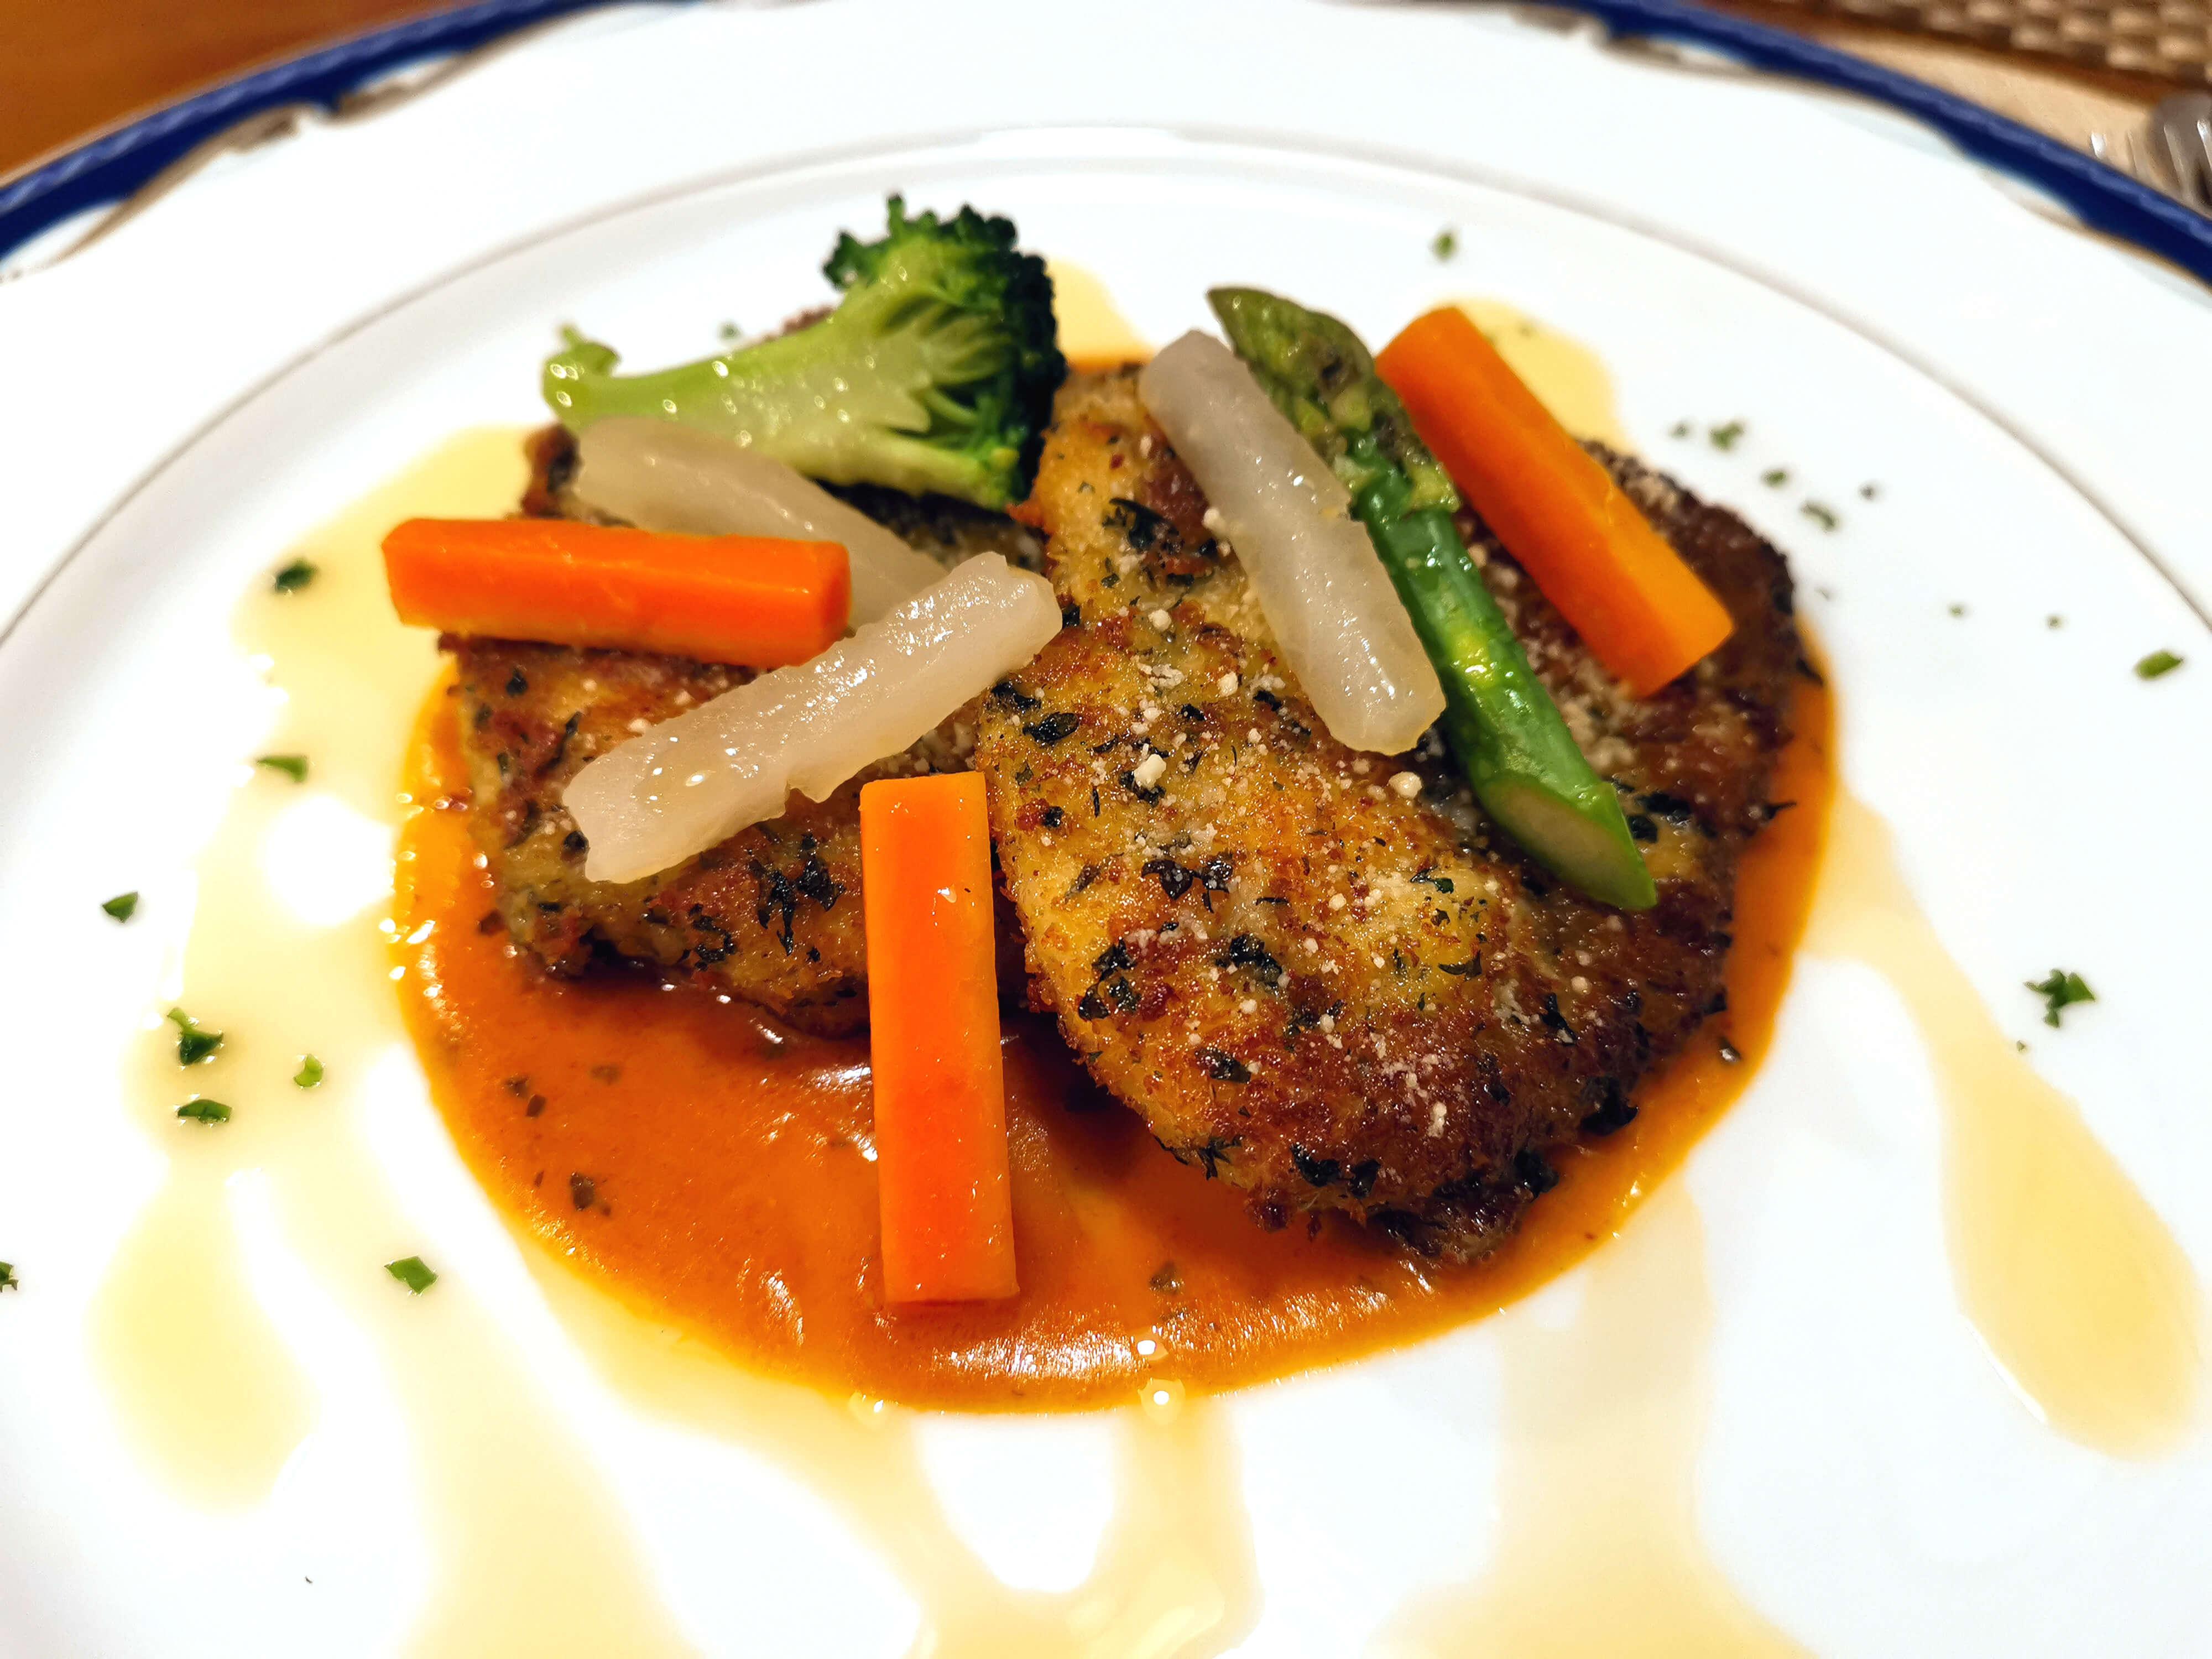 若鶏胸肉のチーズ入りパン粉付け焼き 野菜飾りとトマトソース、オリーブの香り